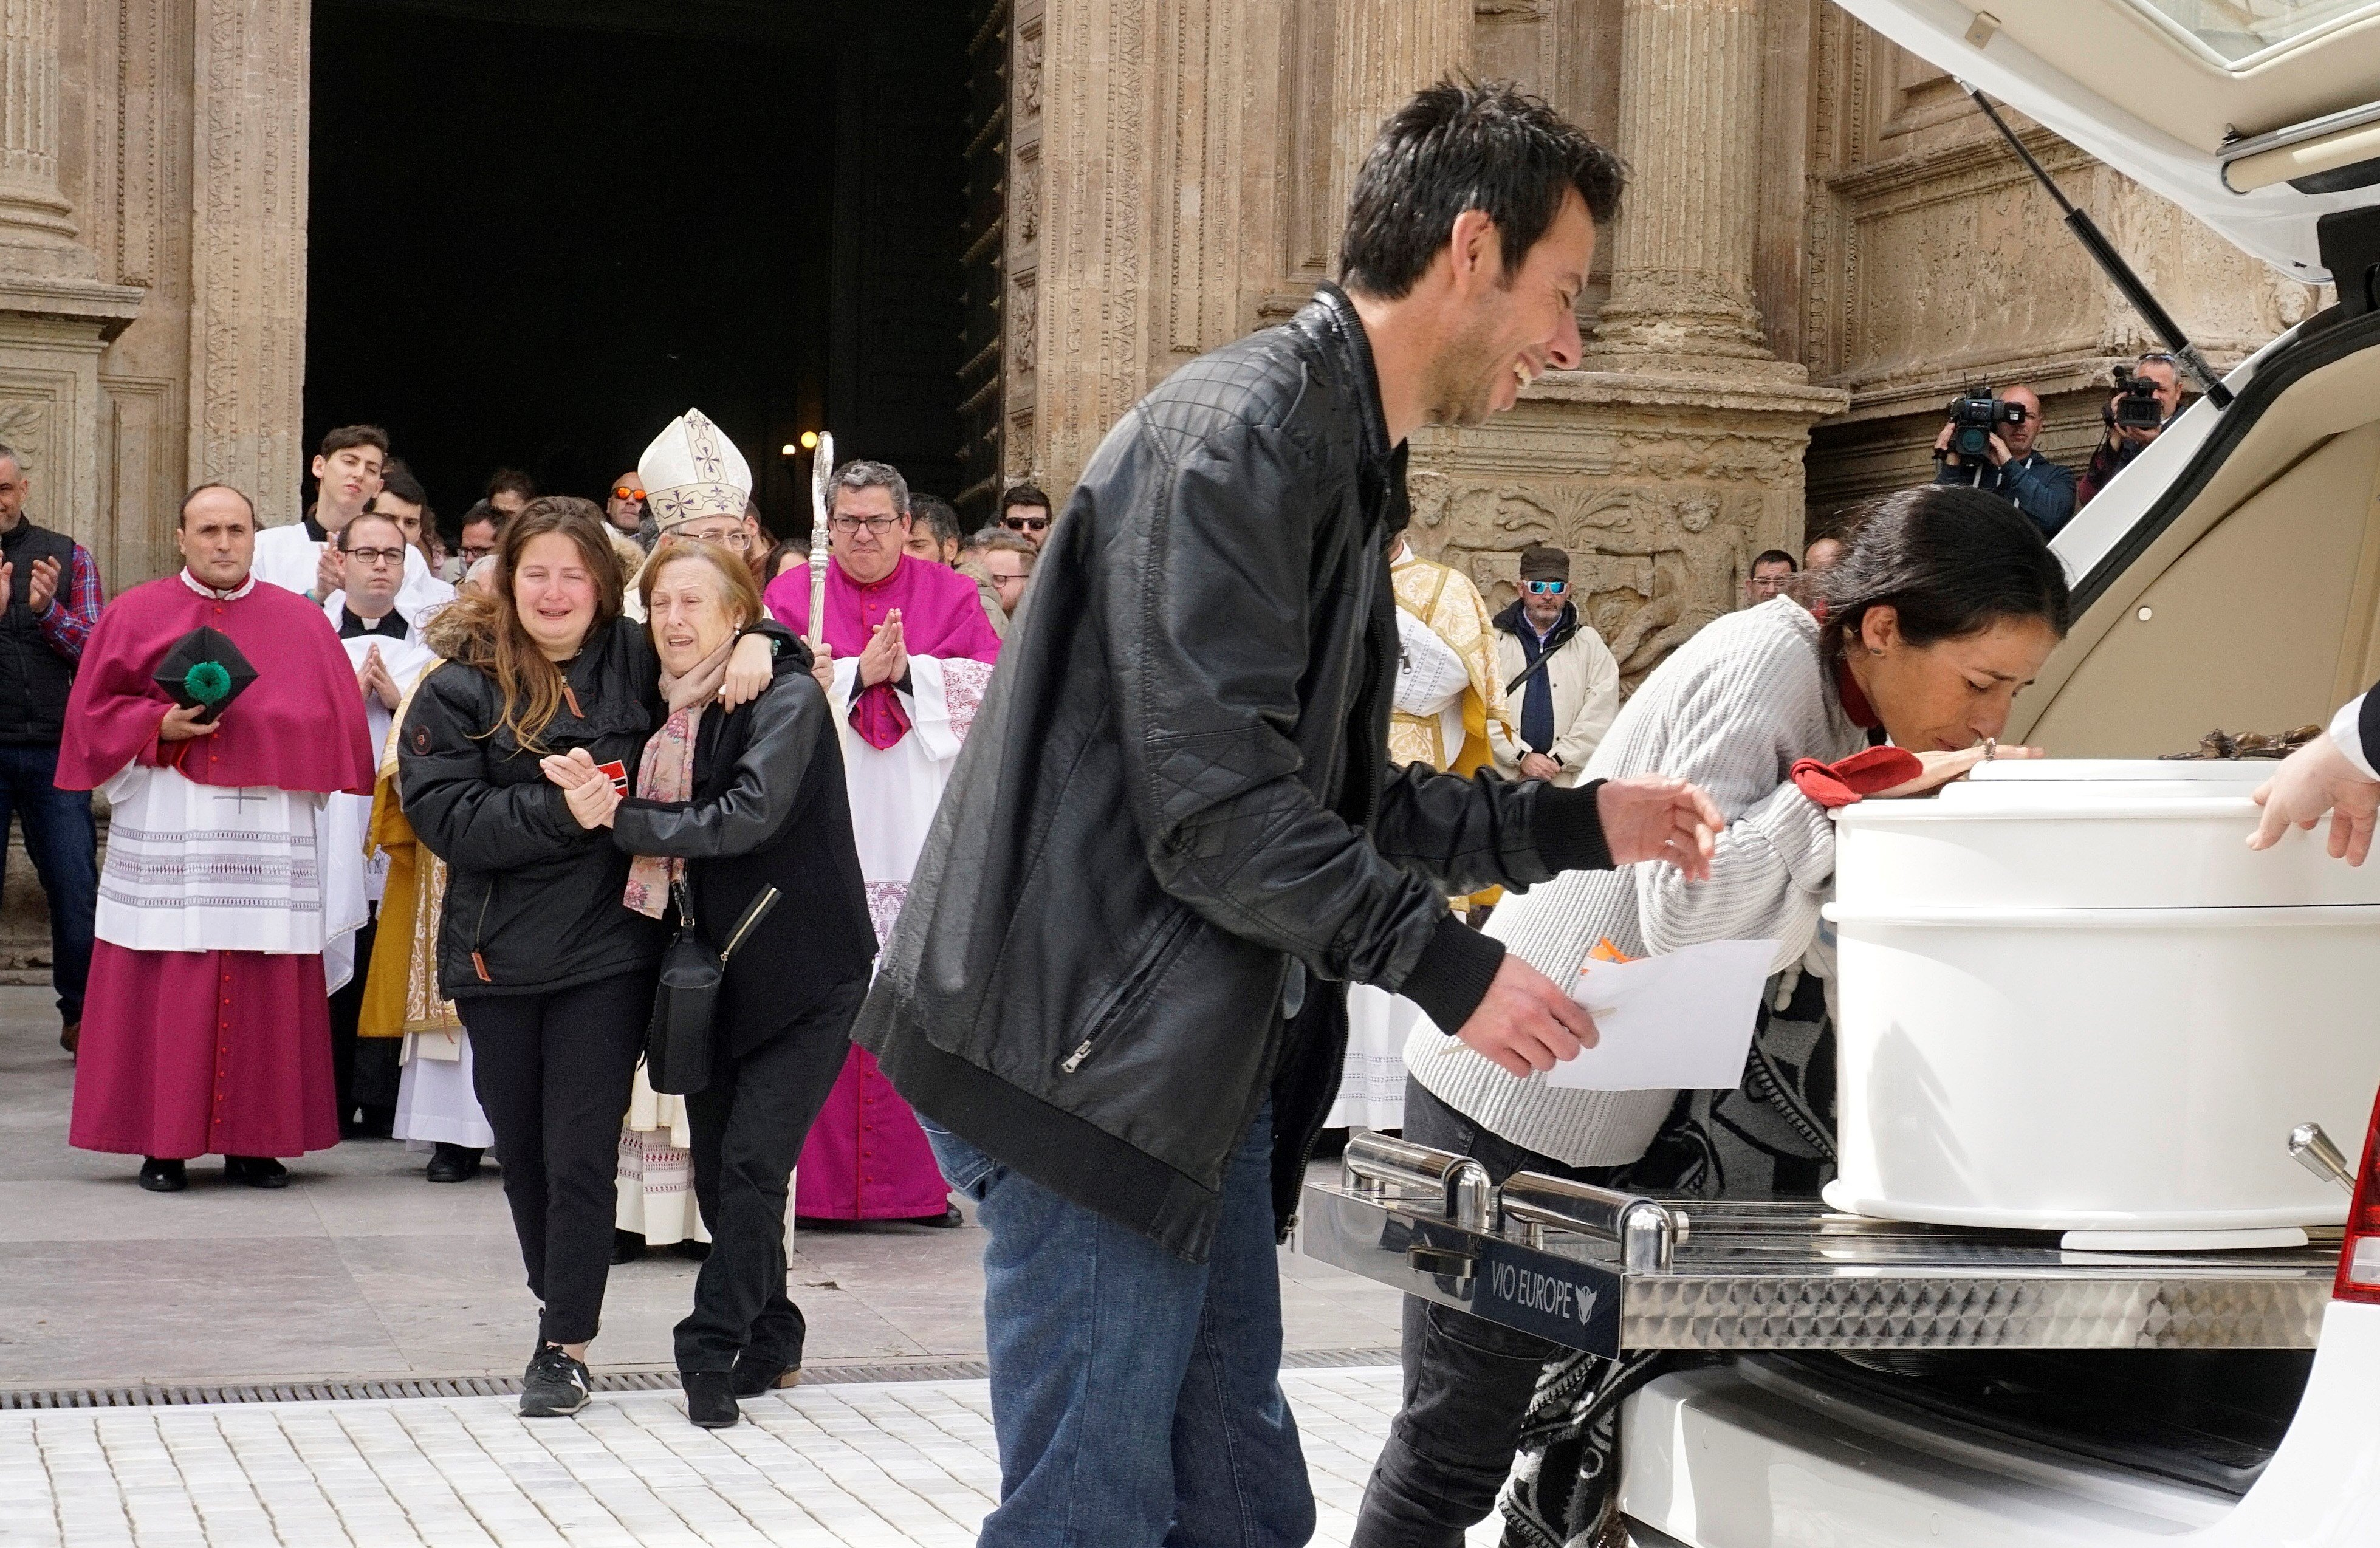 Els pares de Gabriel besen el seu fèretre a la sortida de la Catedral d'Almeria. /CARLOS BARBA